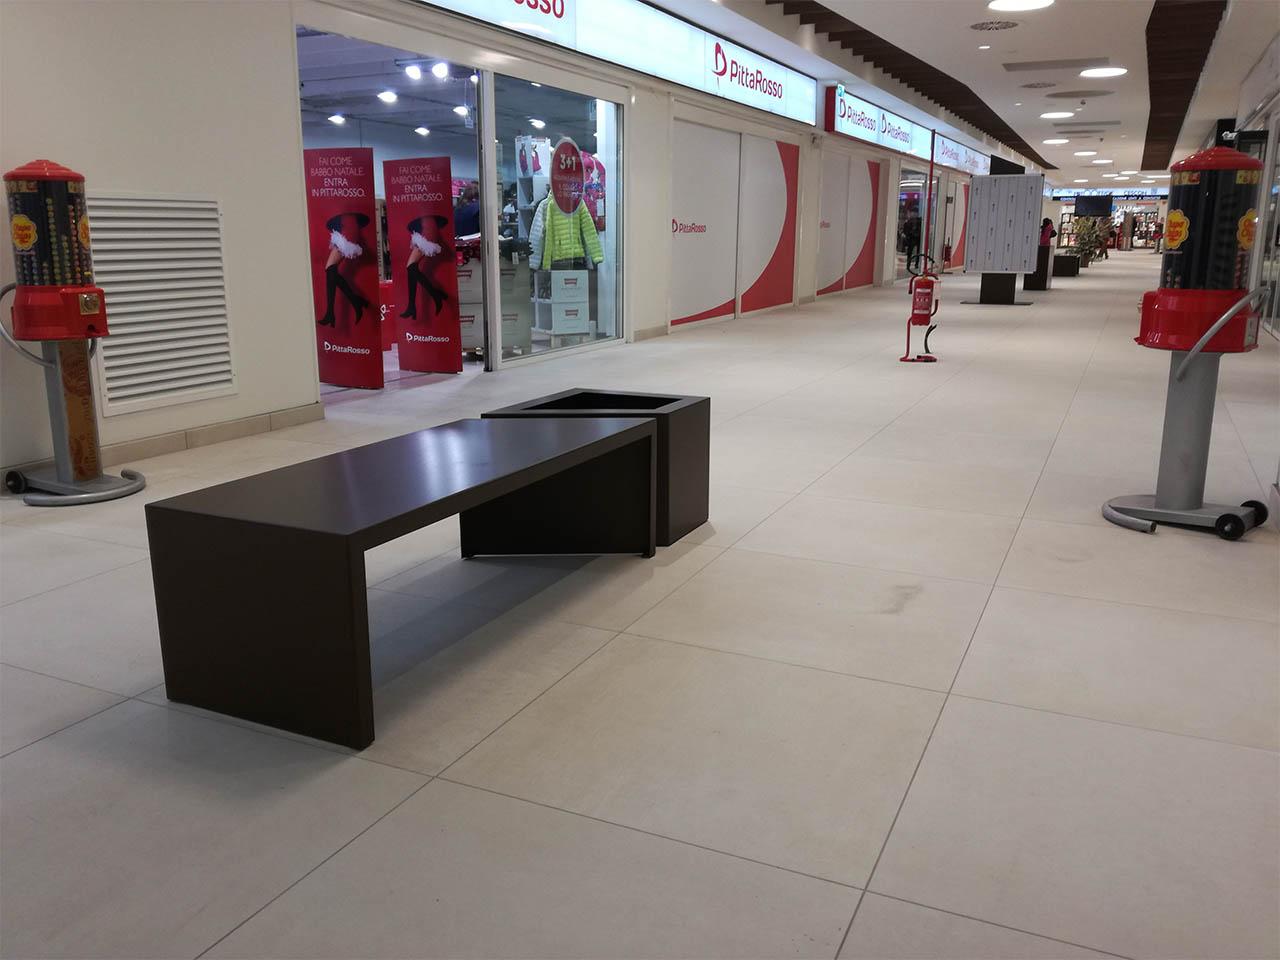 Centro Commerciale Plavis